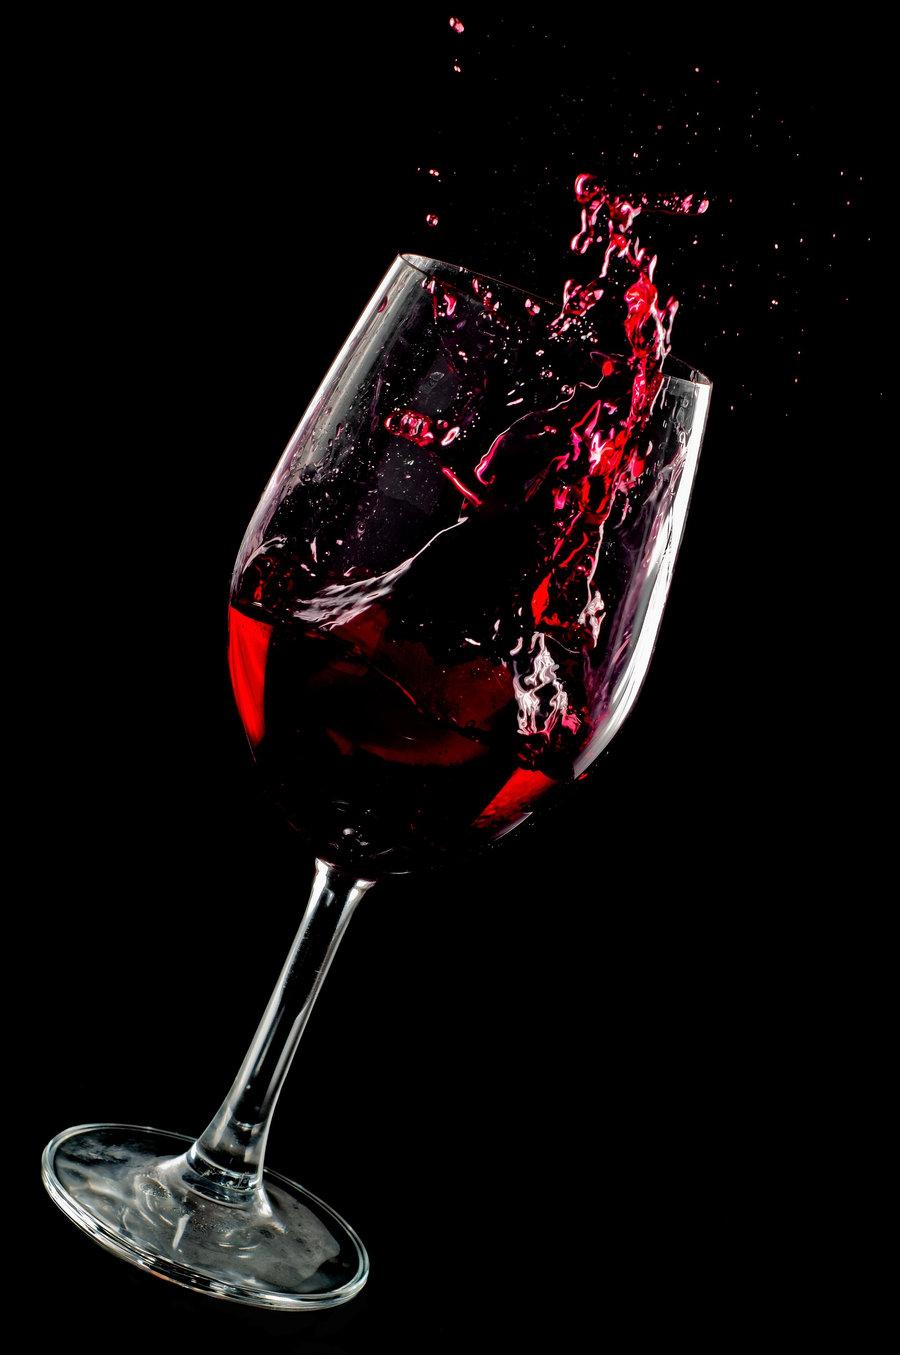 Картинки с алкоголем красивые темные